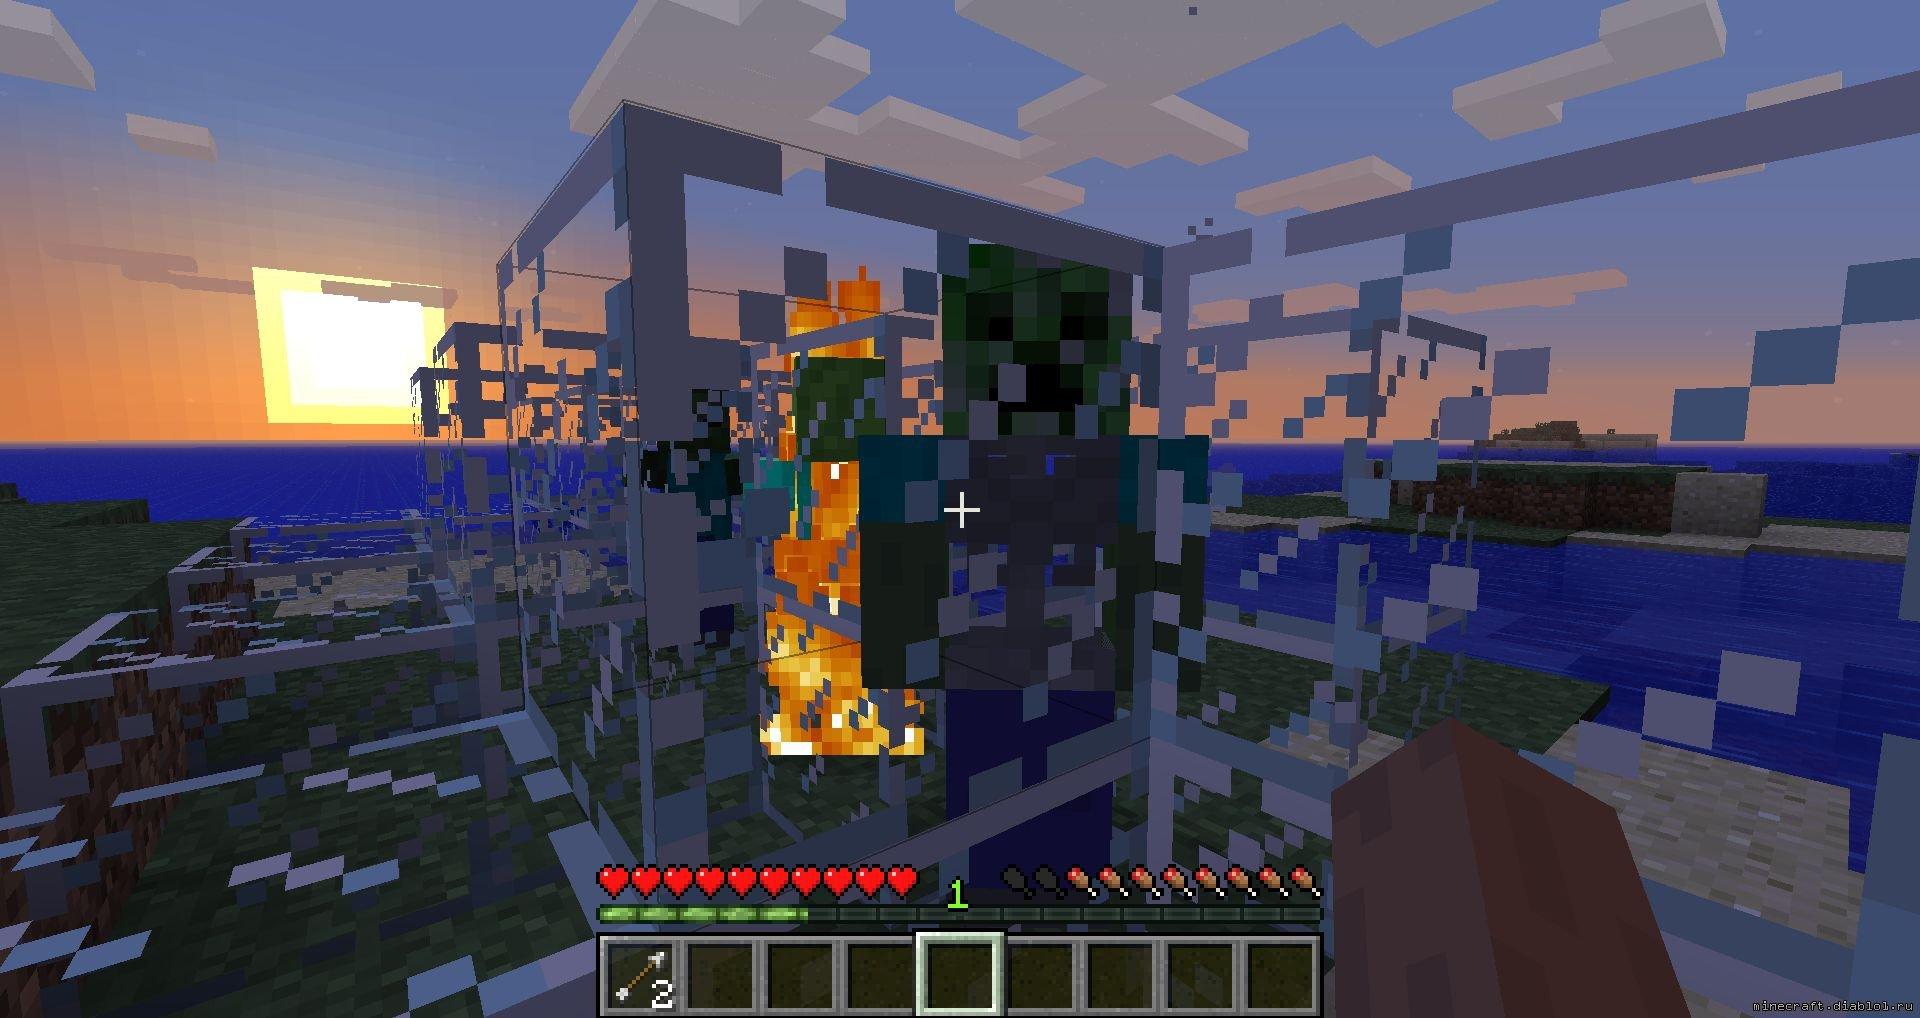 Как сделать спавнер овец в minecraft